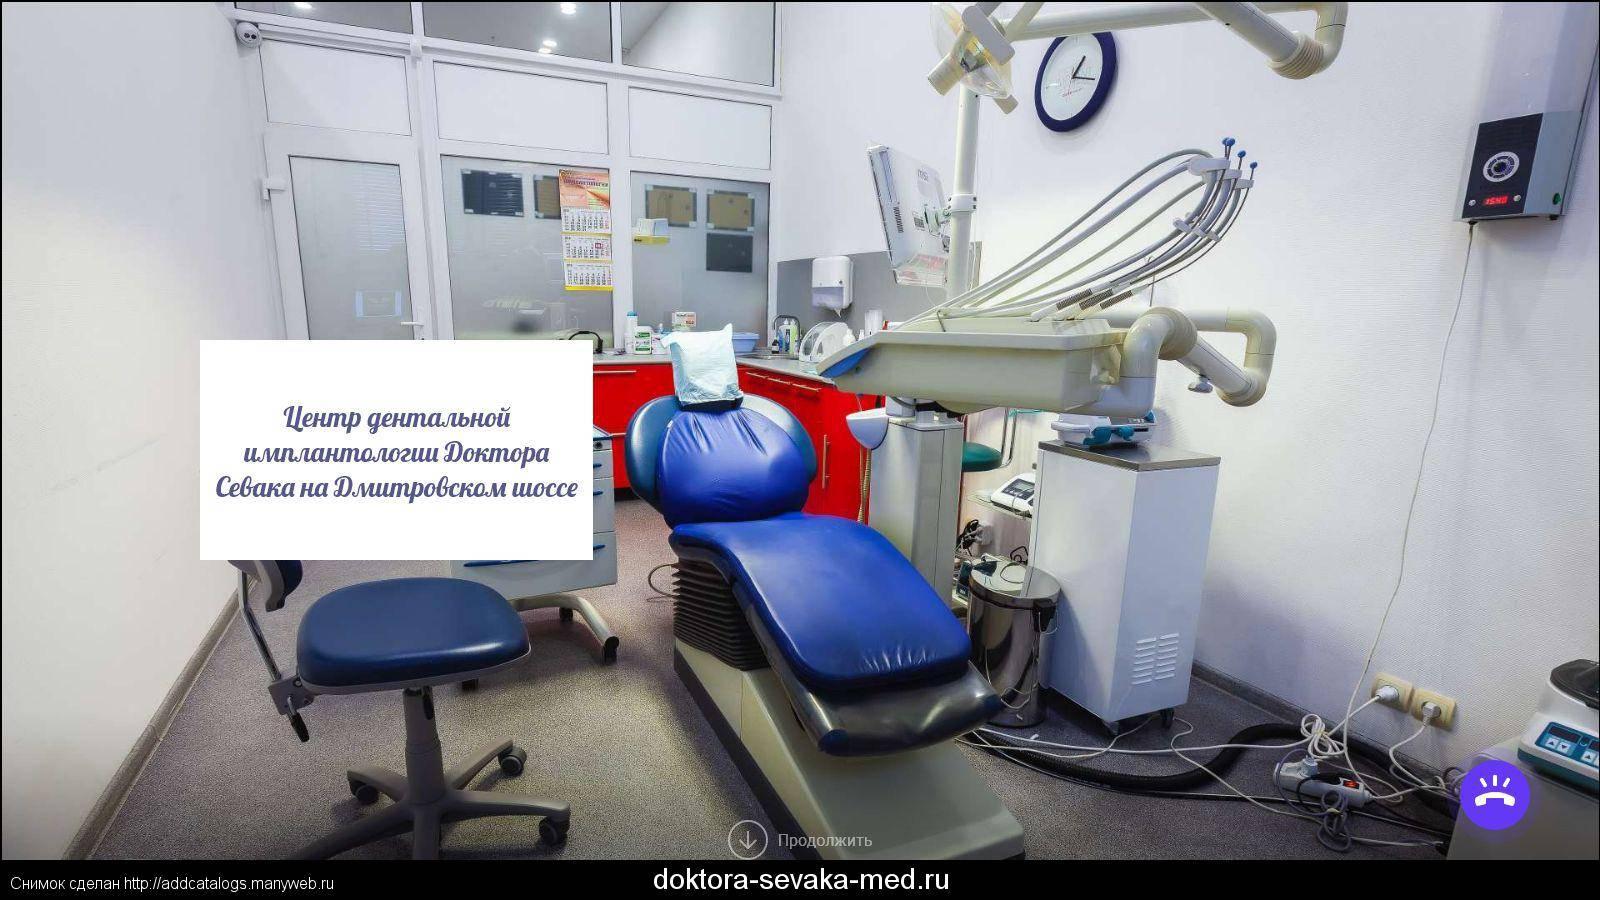 Современные, новые и новейшие технологии имплантологии